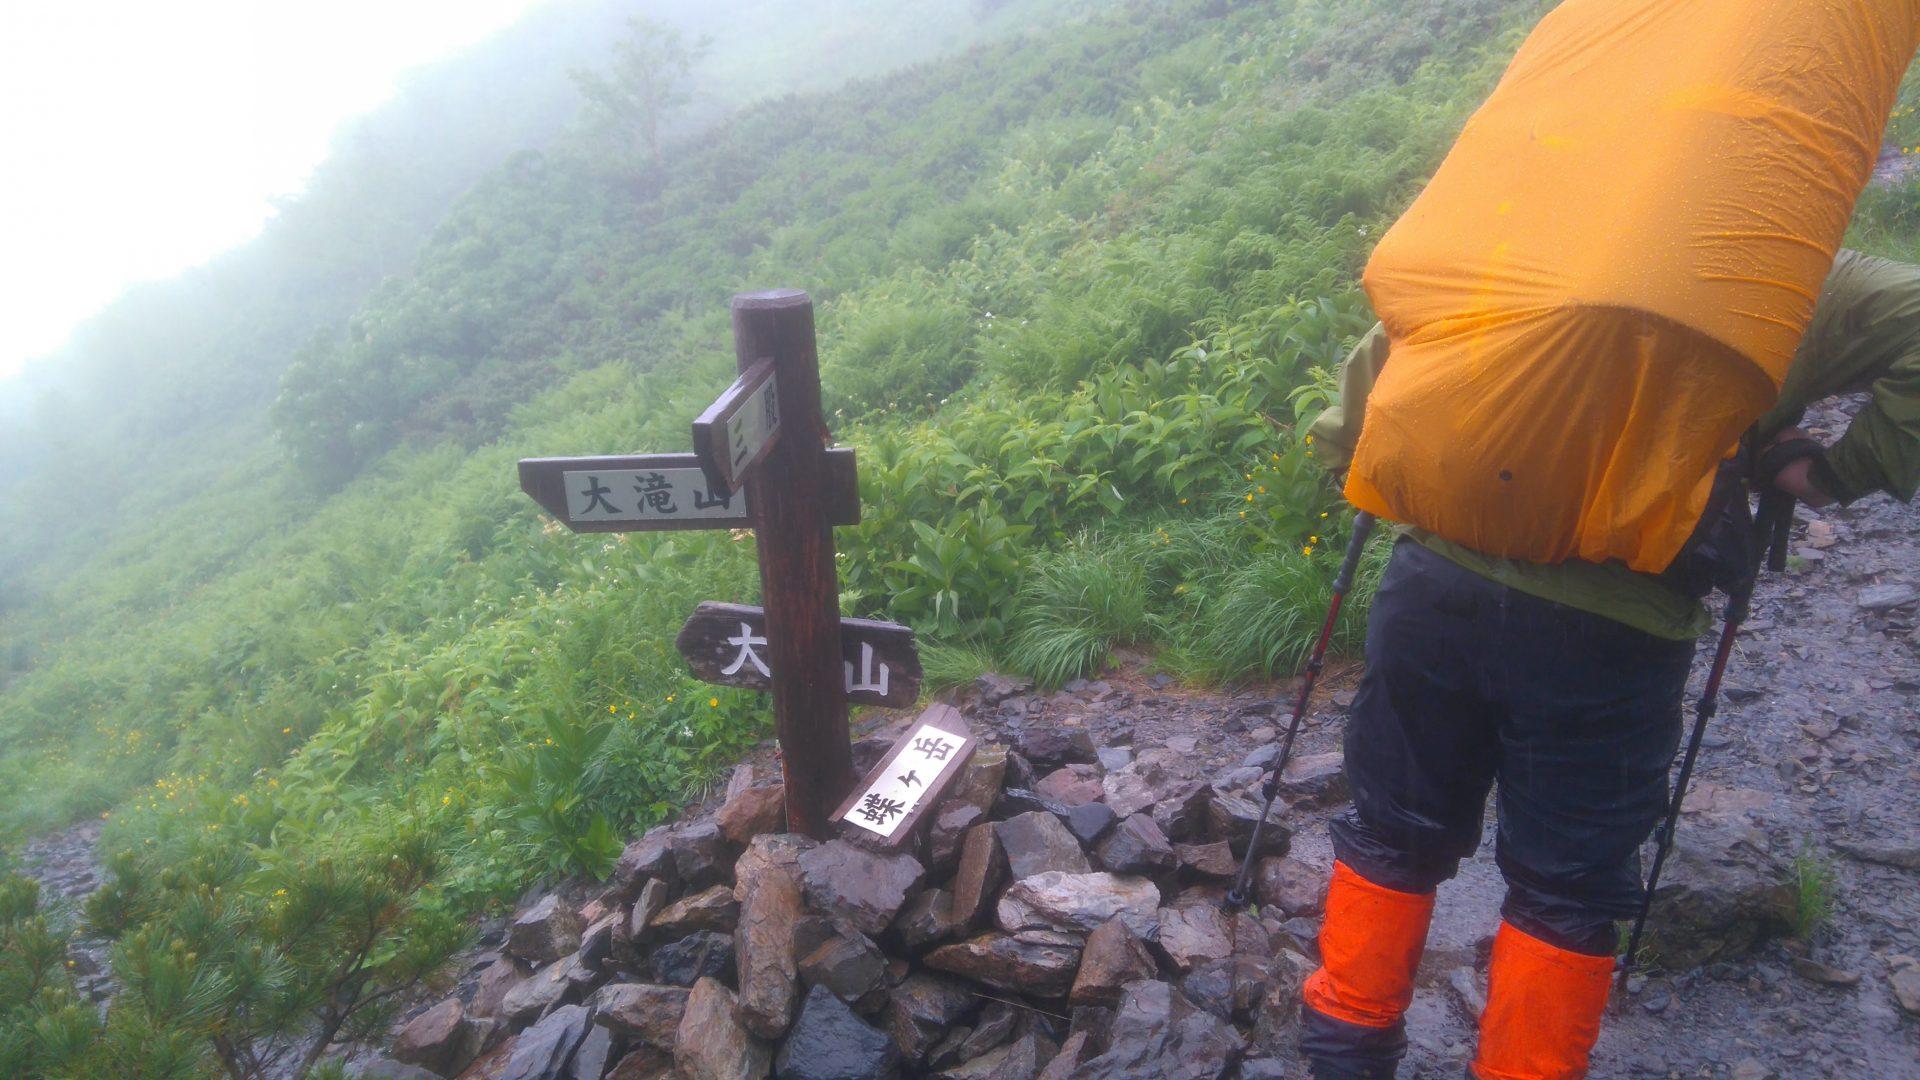 晴れの日も雨の日も必要とされるレインウェアは山でどんな使い道があるのでしょうか。基本的な部分から応用編までを公開!